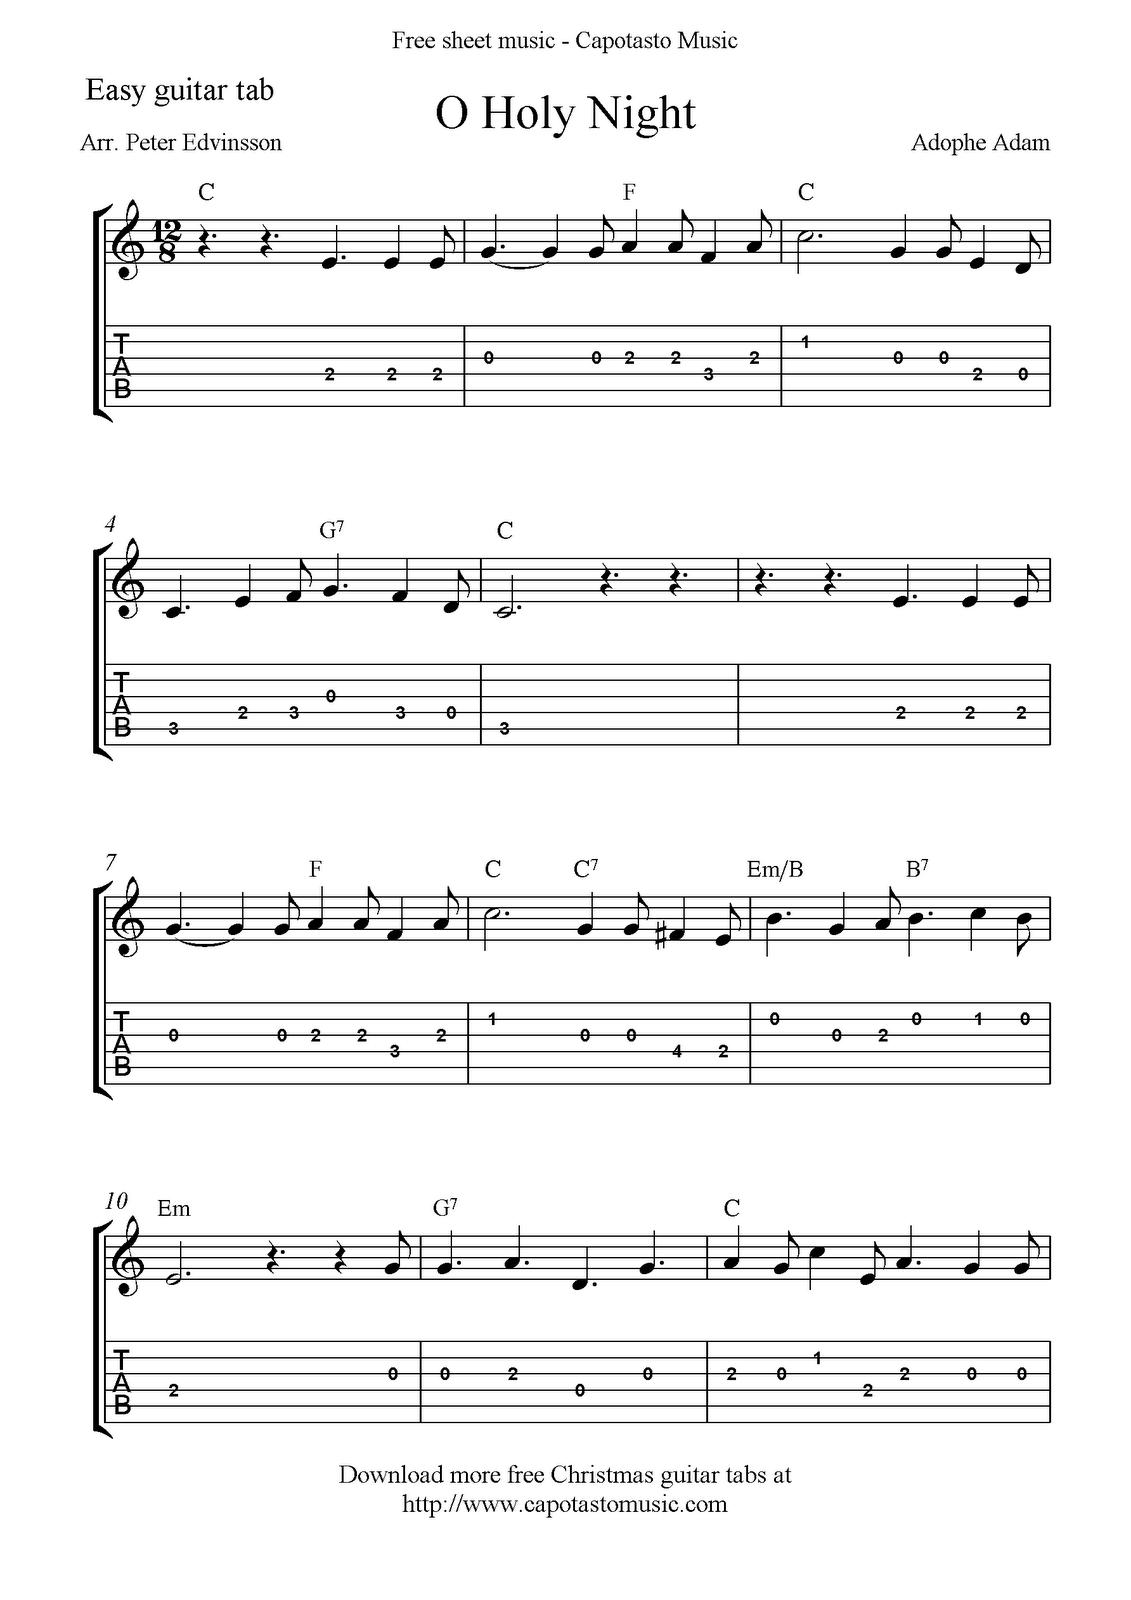 Oh Holy Night Chord Chart